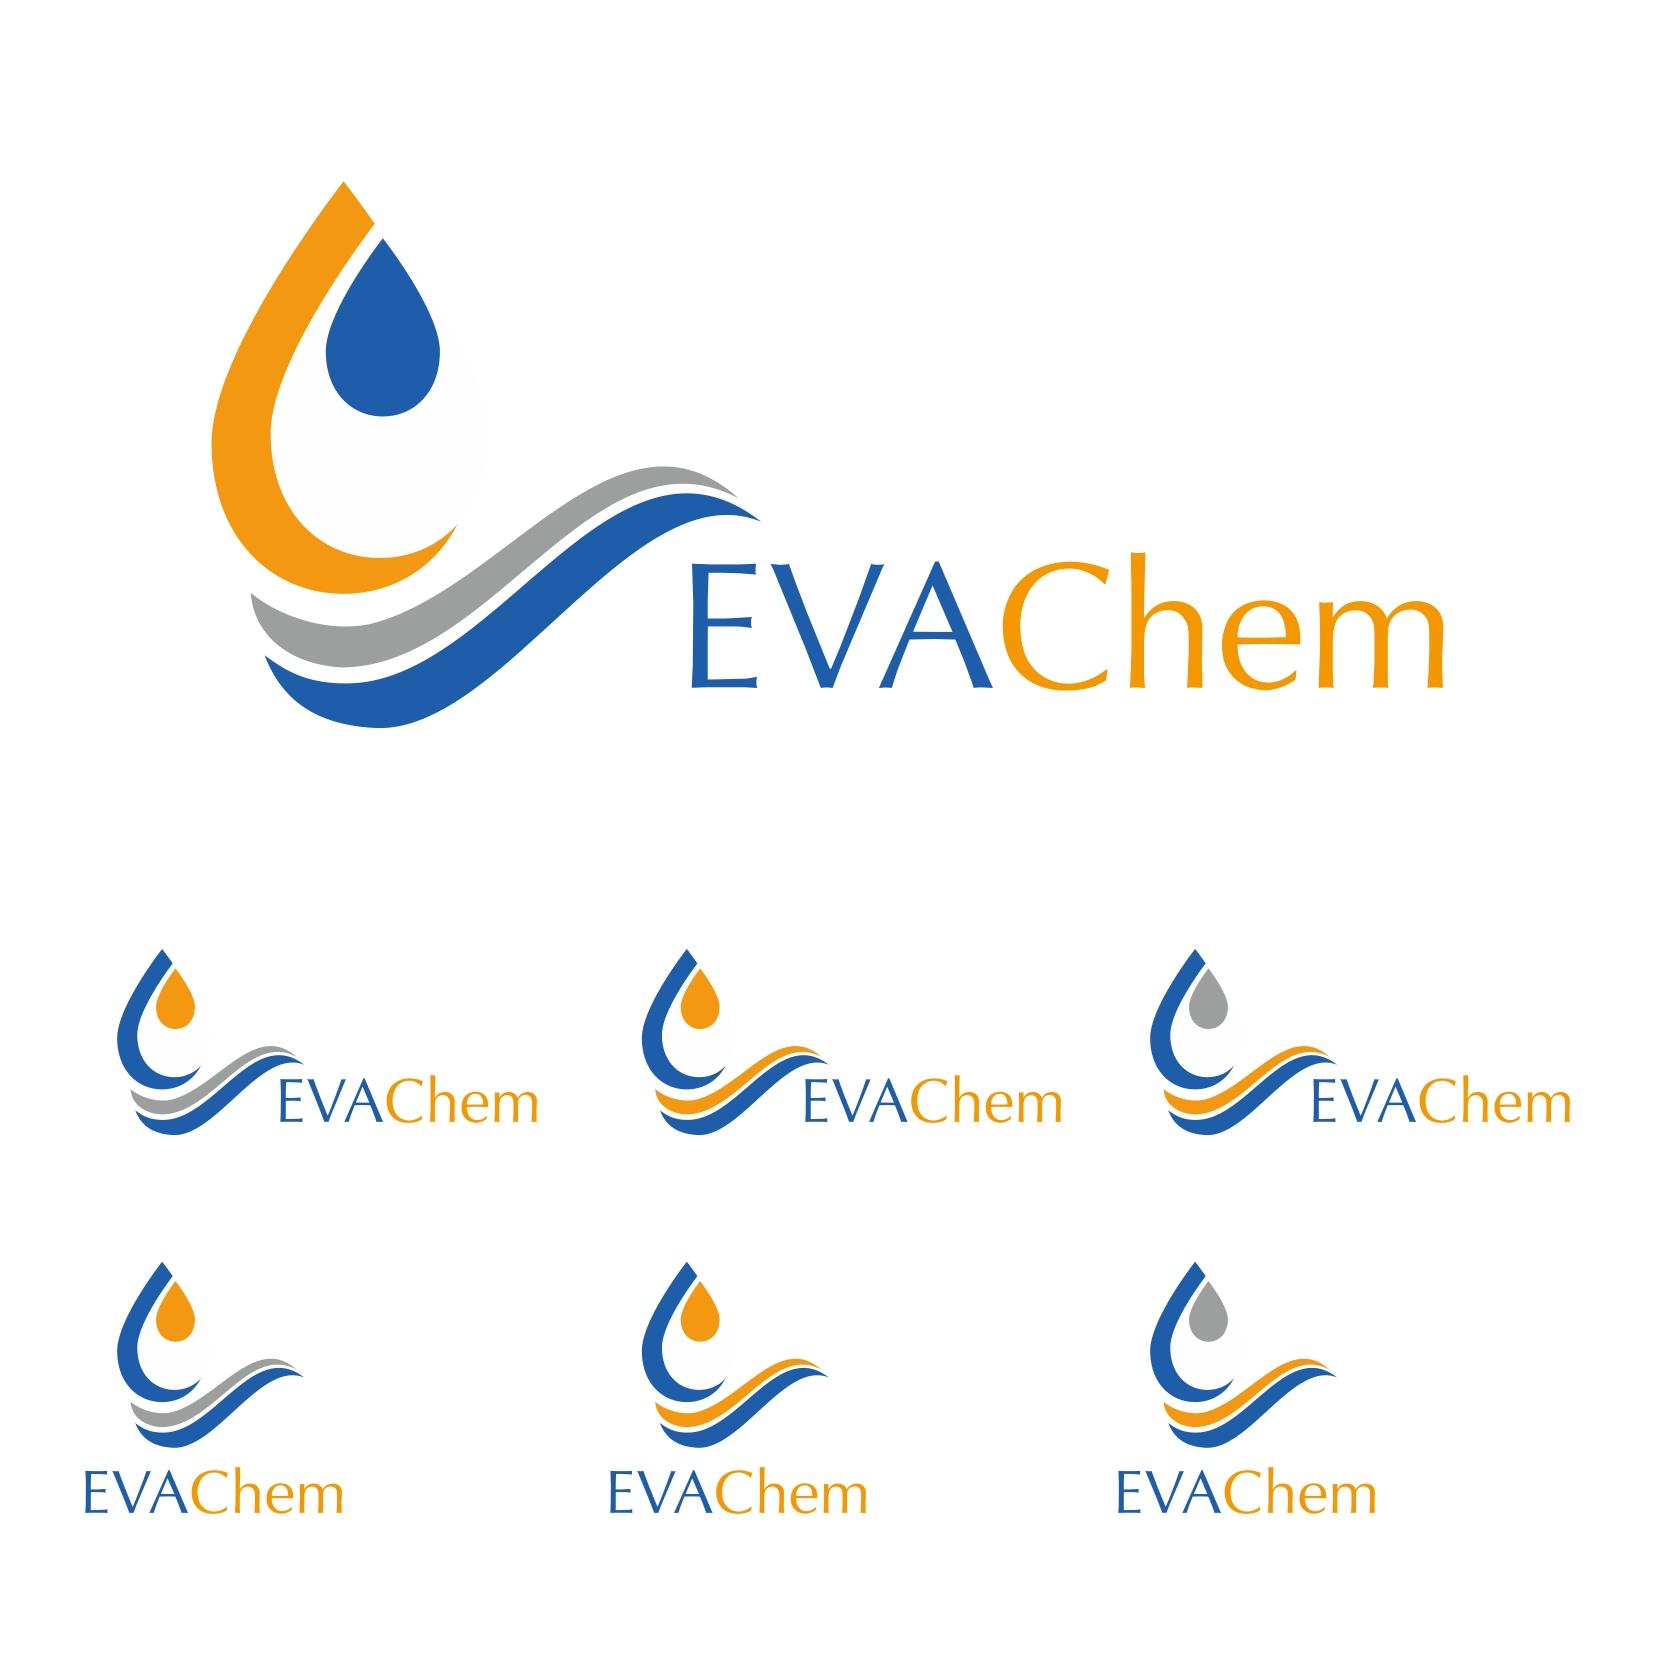 Разработка логотипа и фирменного стиля компании фото f_821571df9695721f.jpg